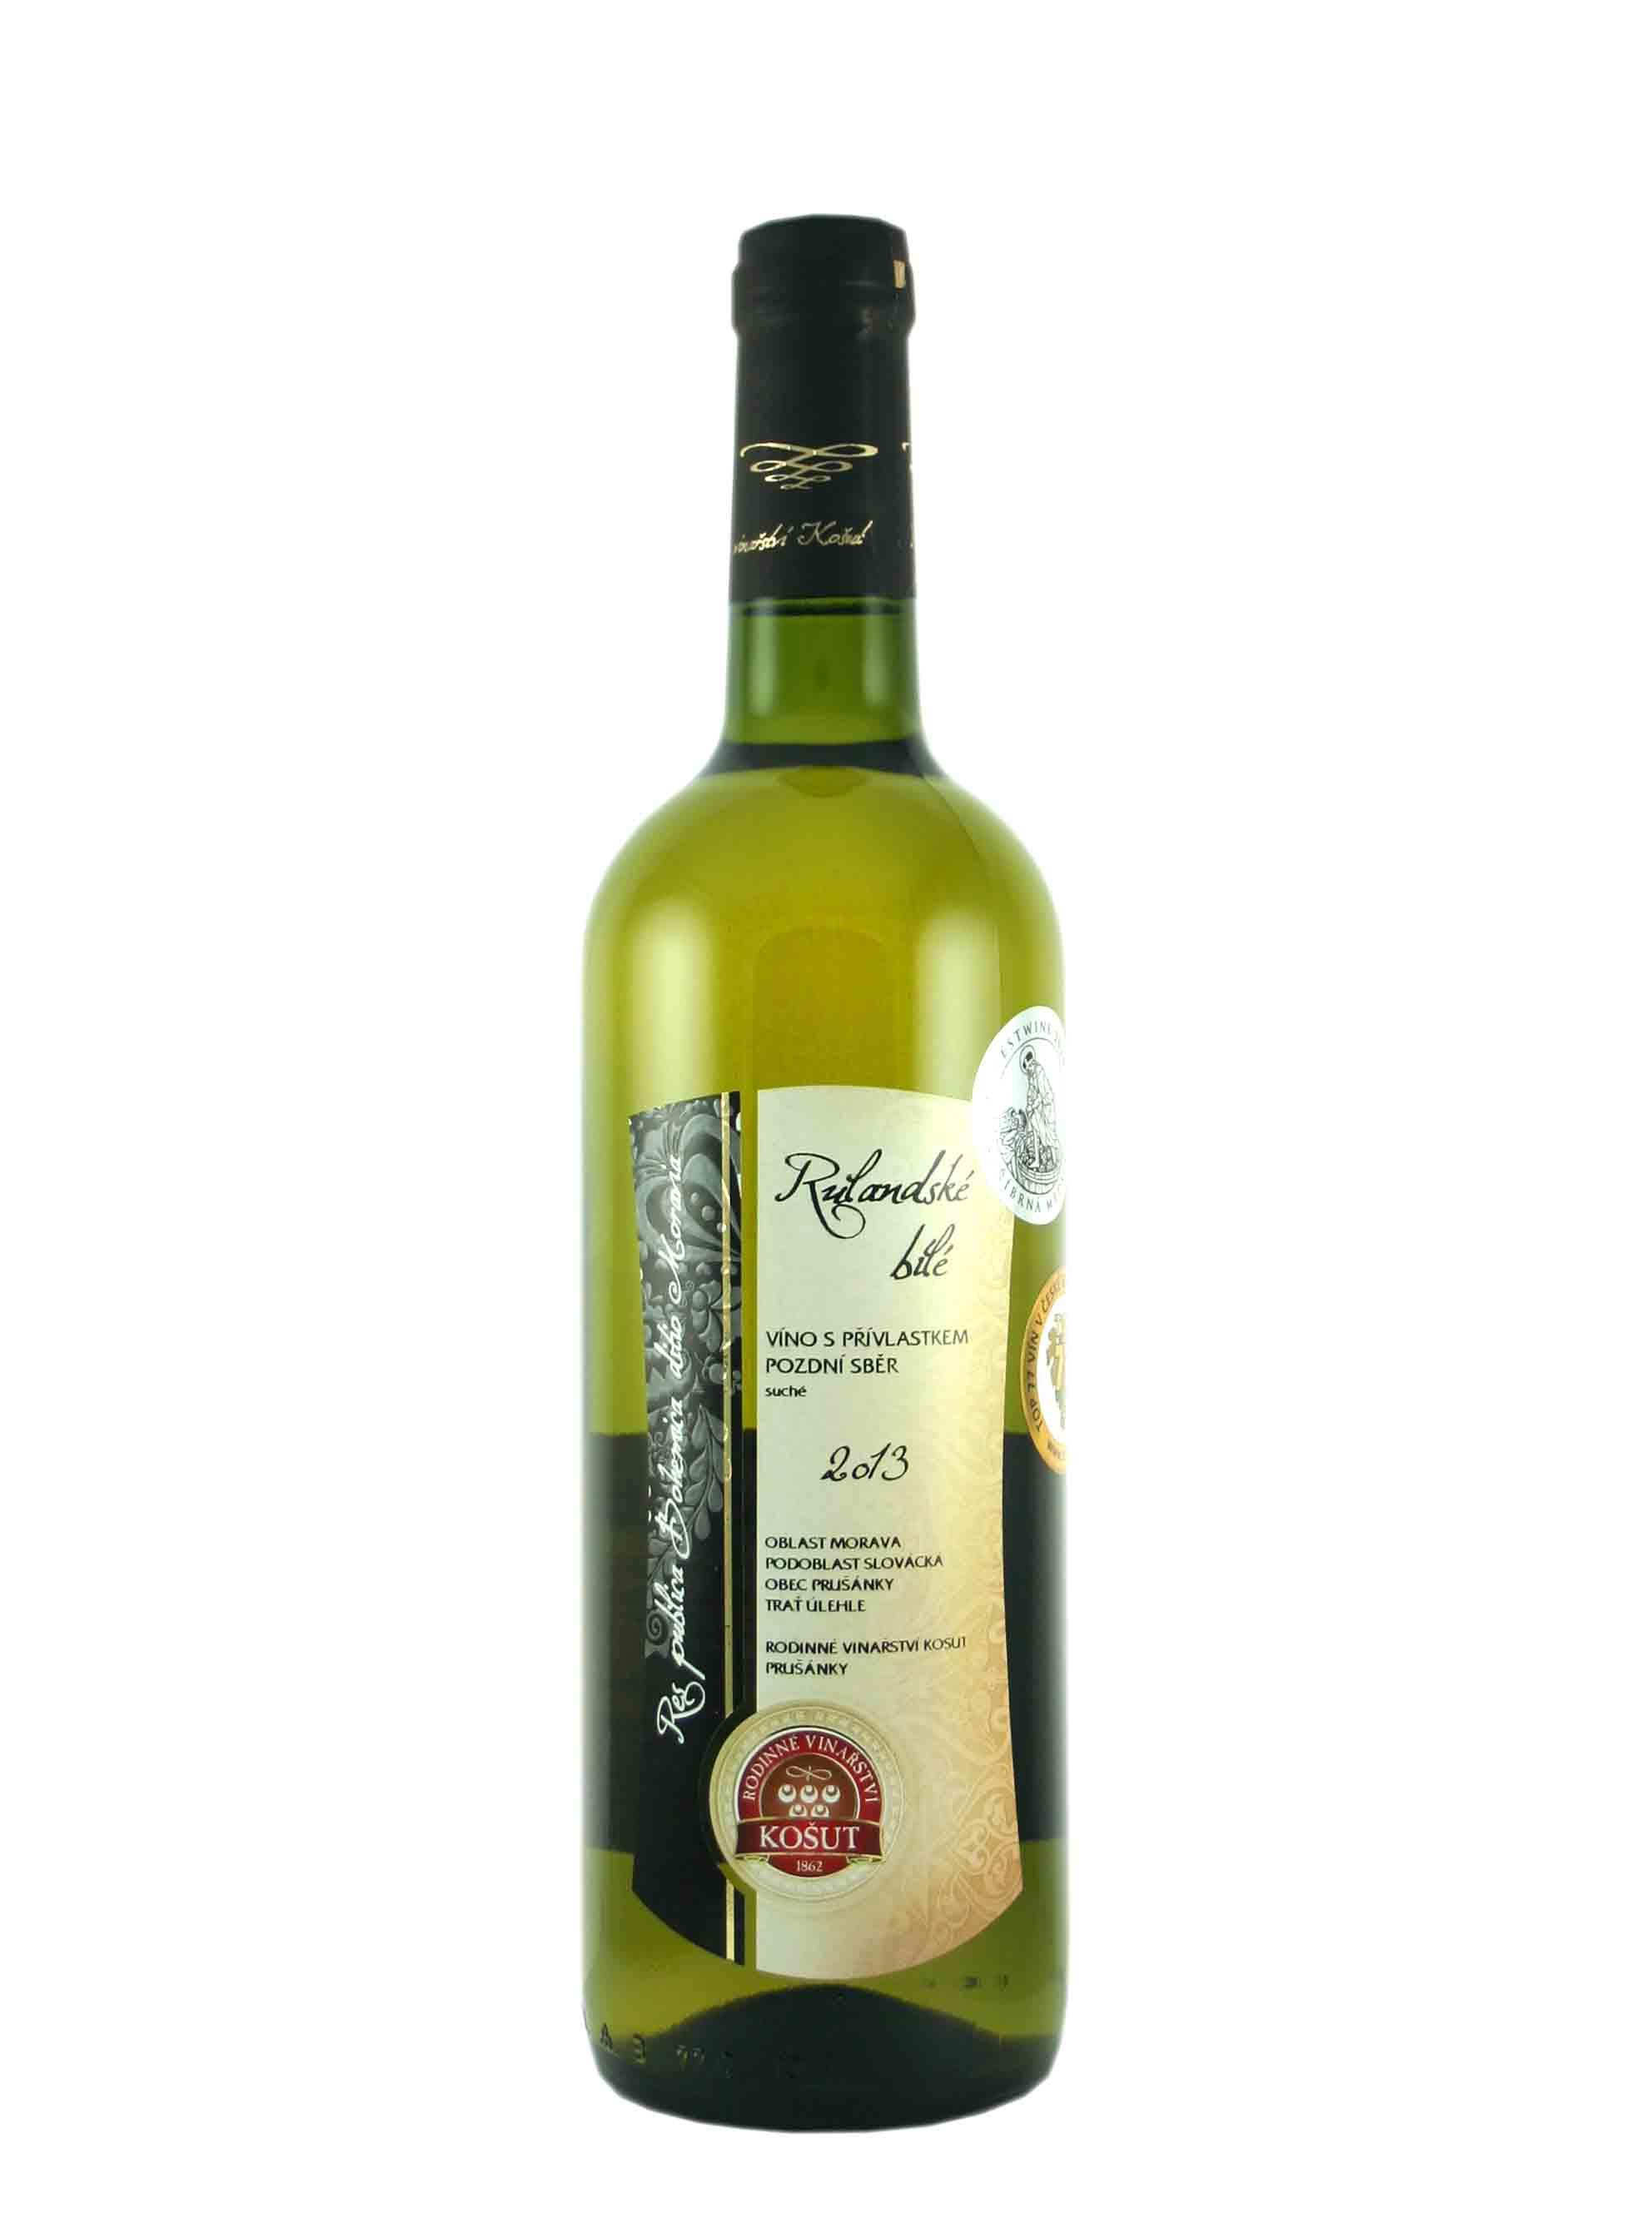 Rulandské bílé, Res Publica, Pozdní sběr, 2013, Vinařství Košut, 0.75 l